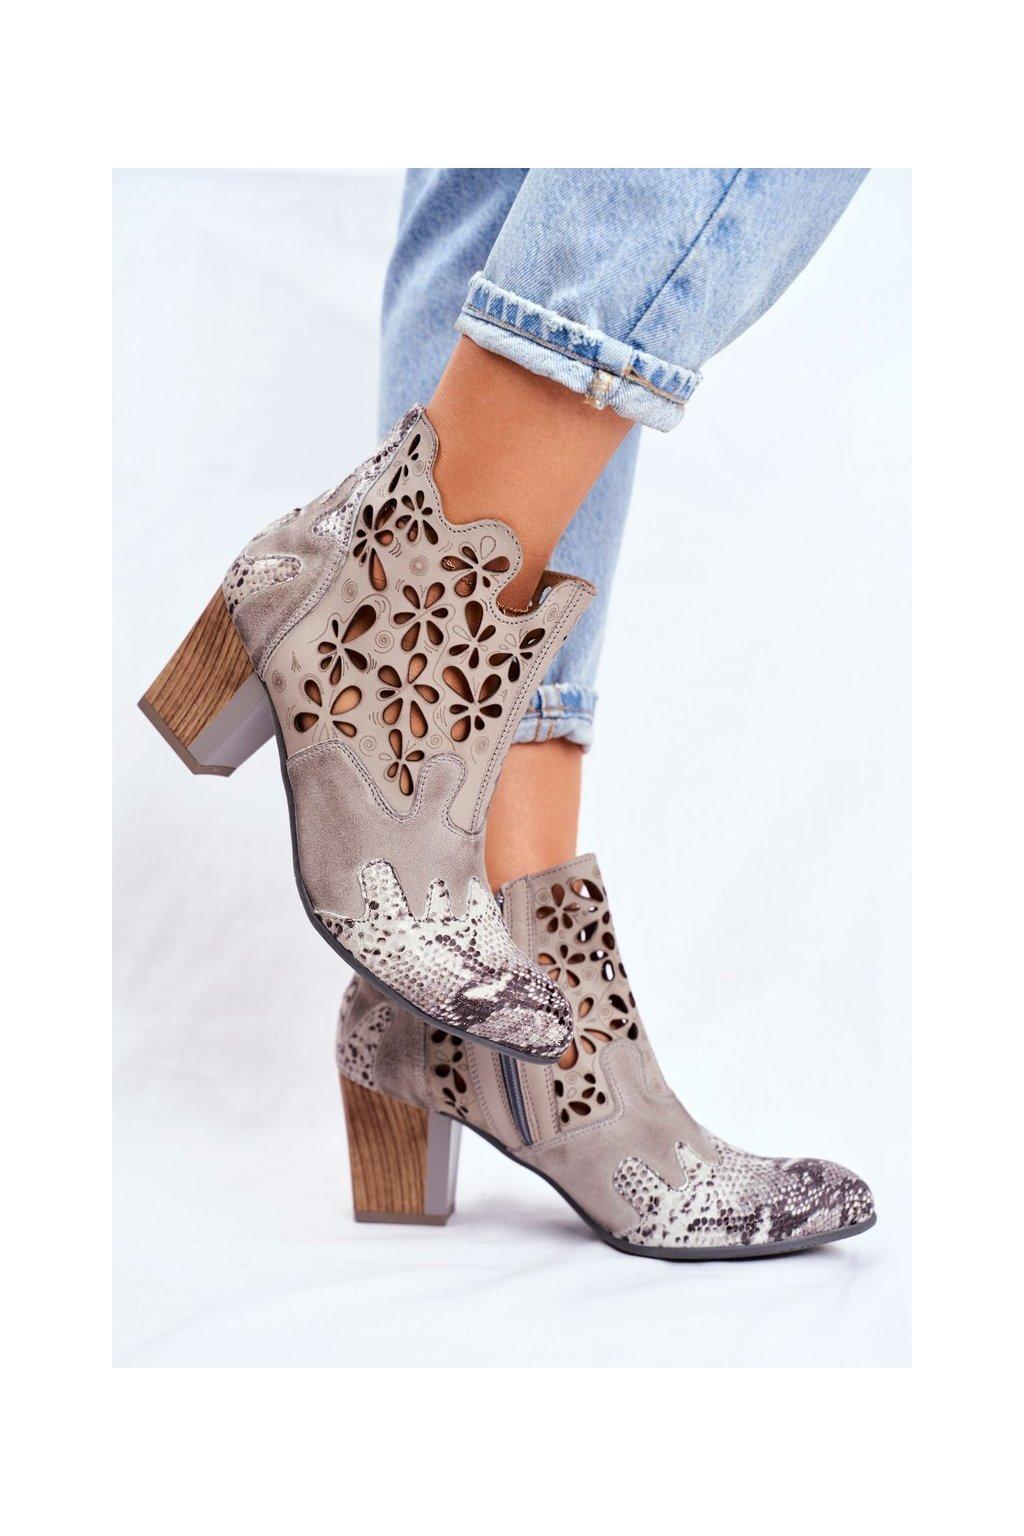 Dámske členkové topánky na podpätku jarné Majka sivé 04369-13